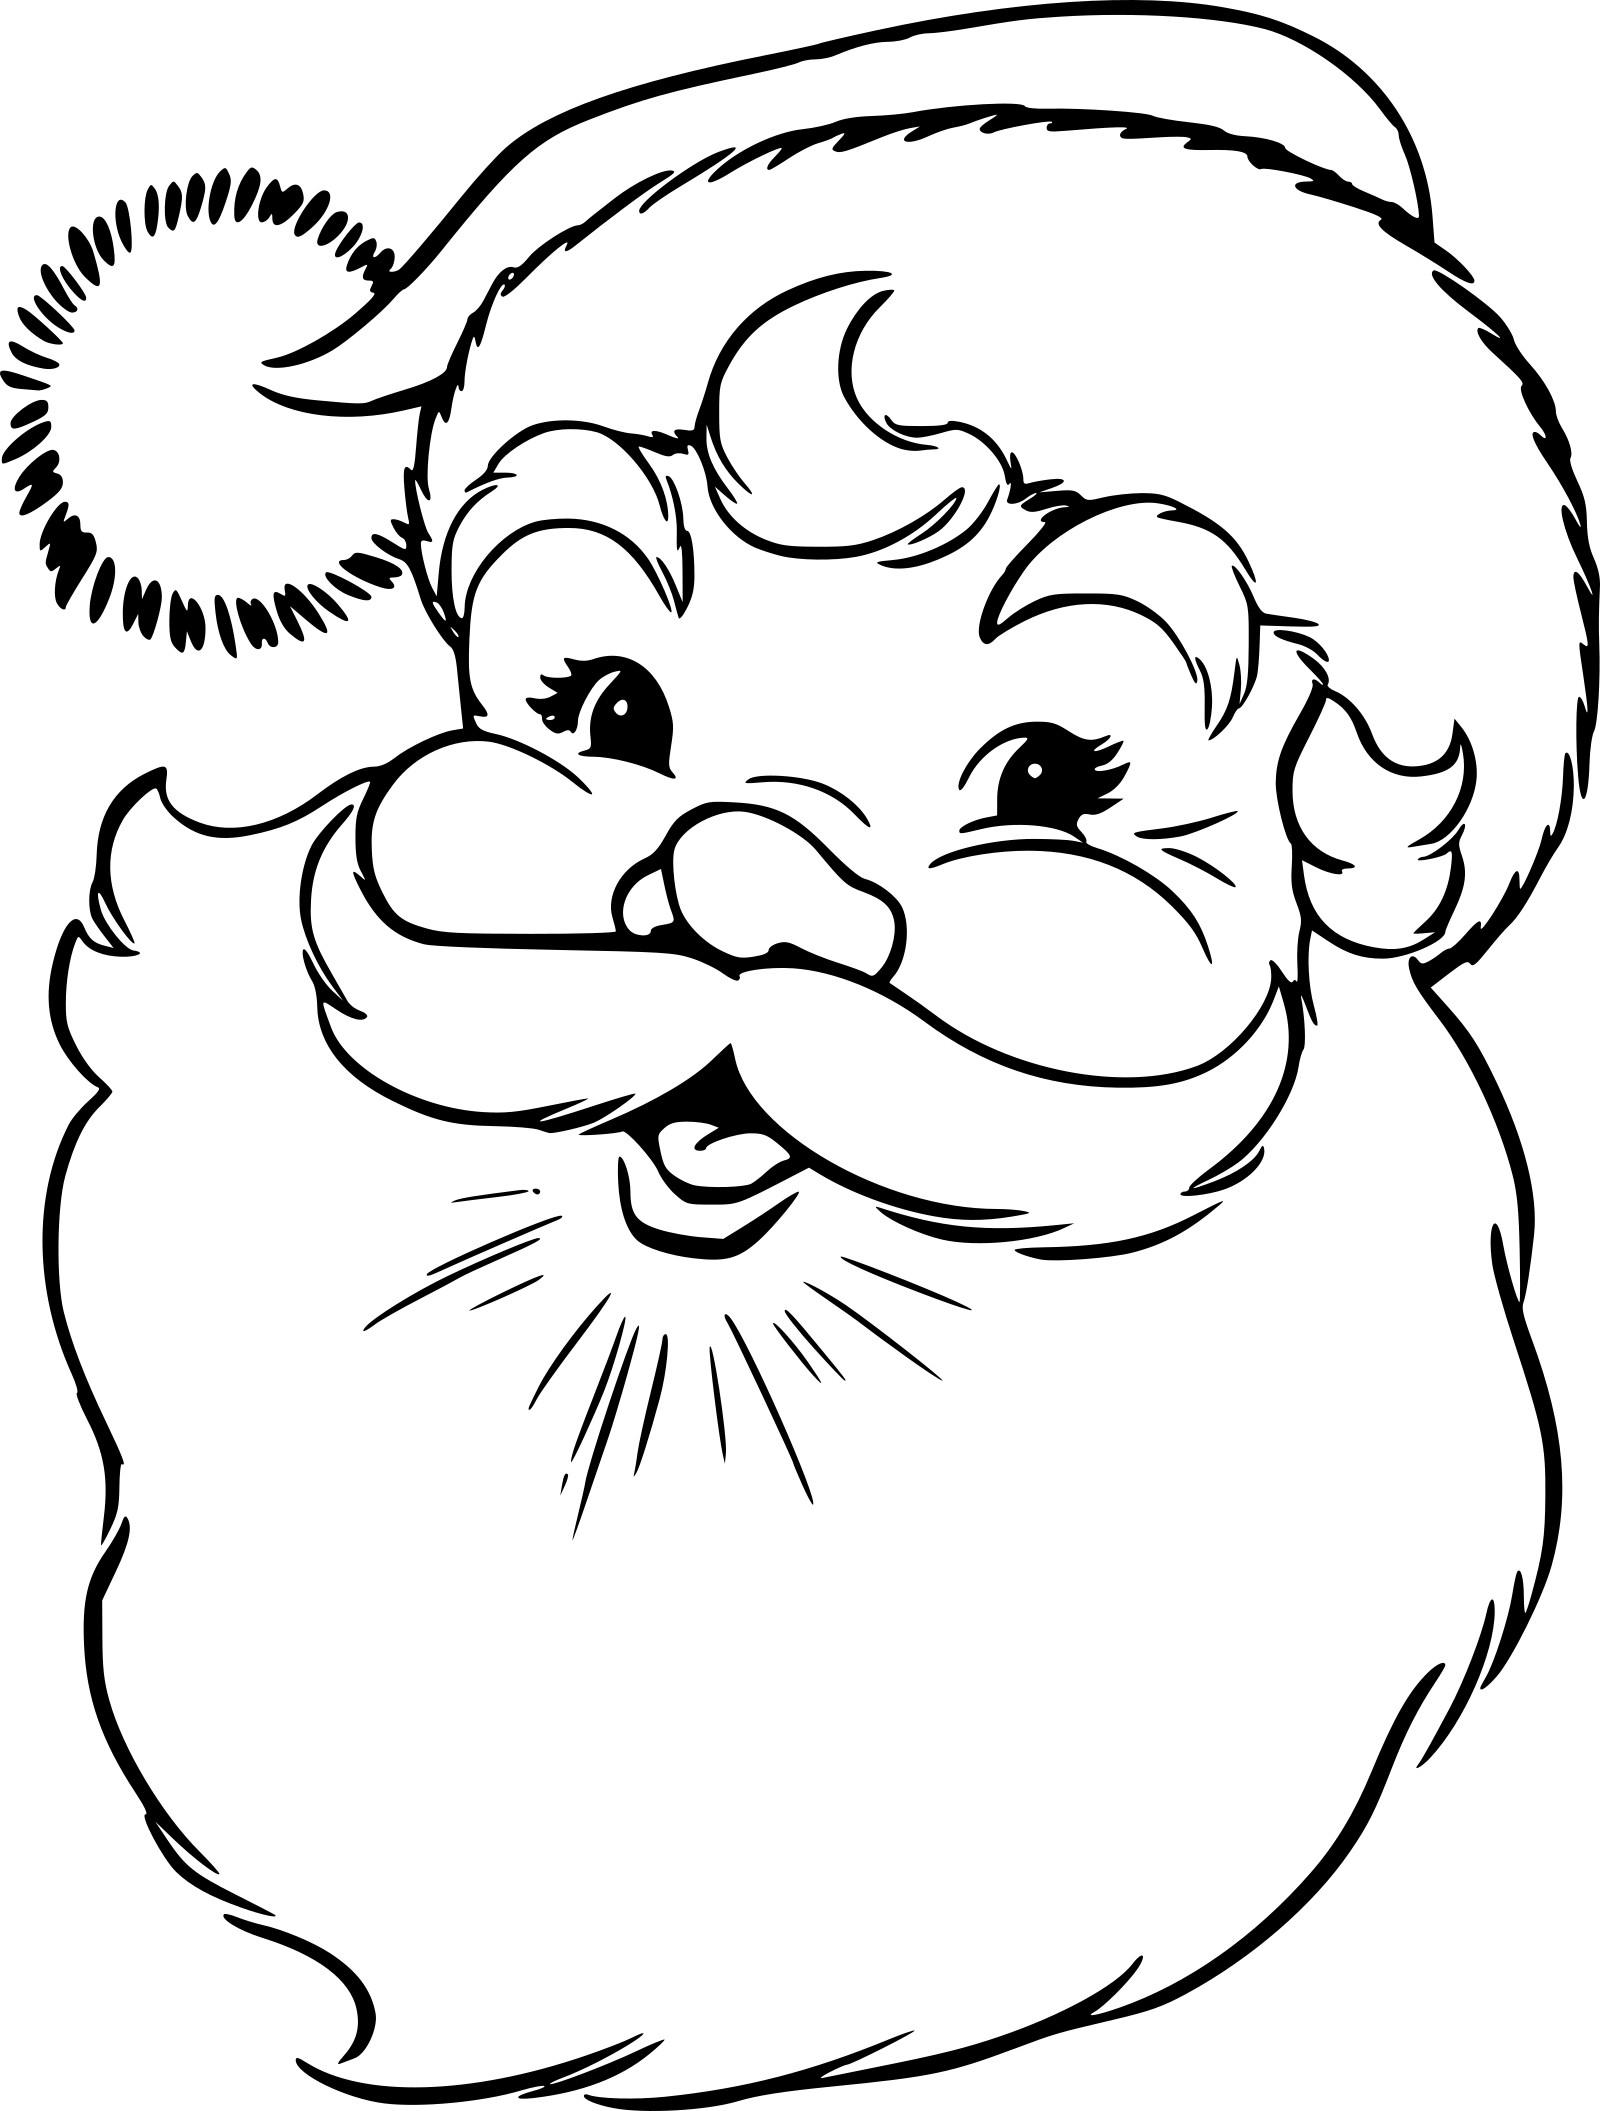 Coloriage Tête Père Noël À Imprimer Sur Coloriages dedans Dessin À Imprimer Pere Noel